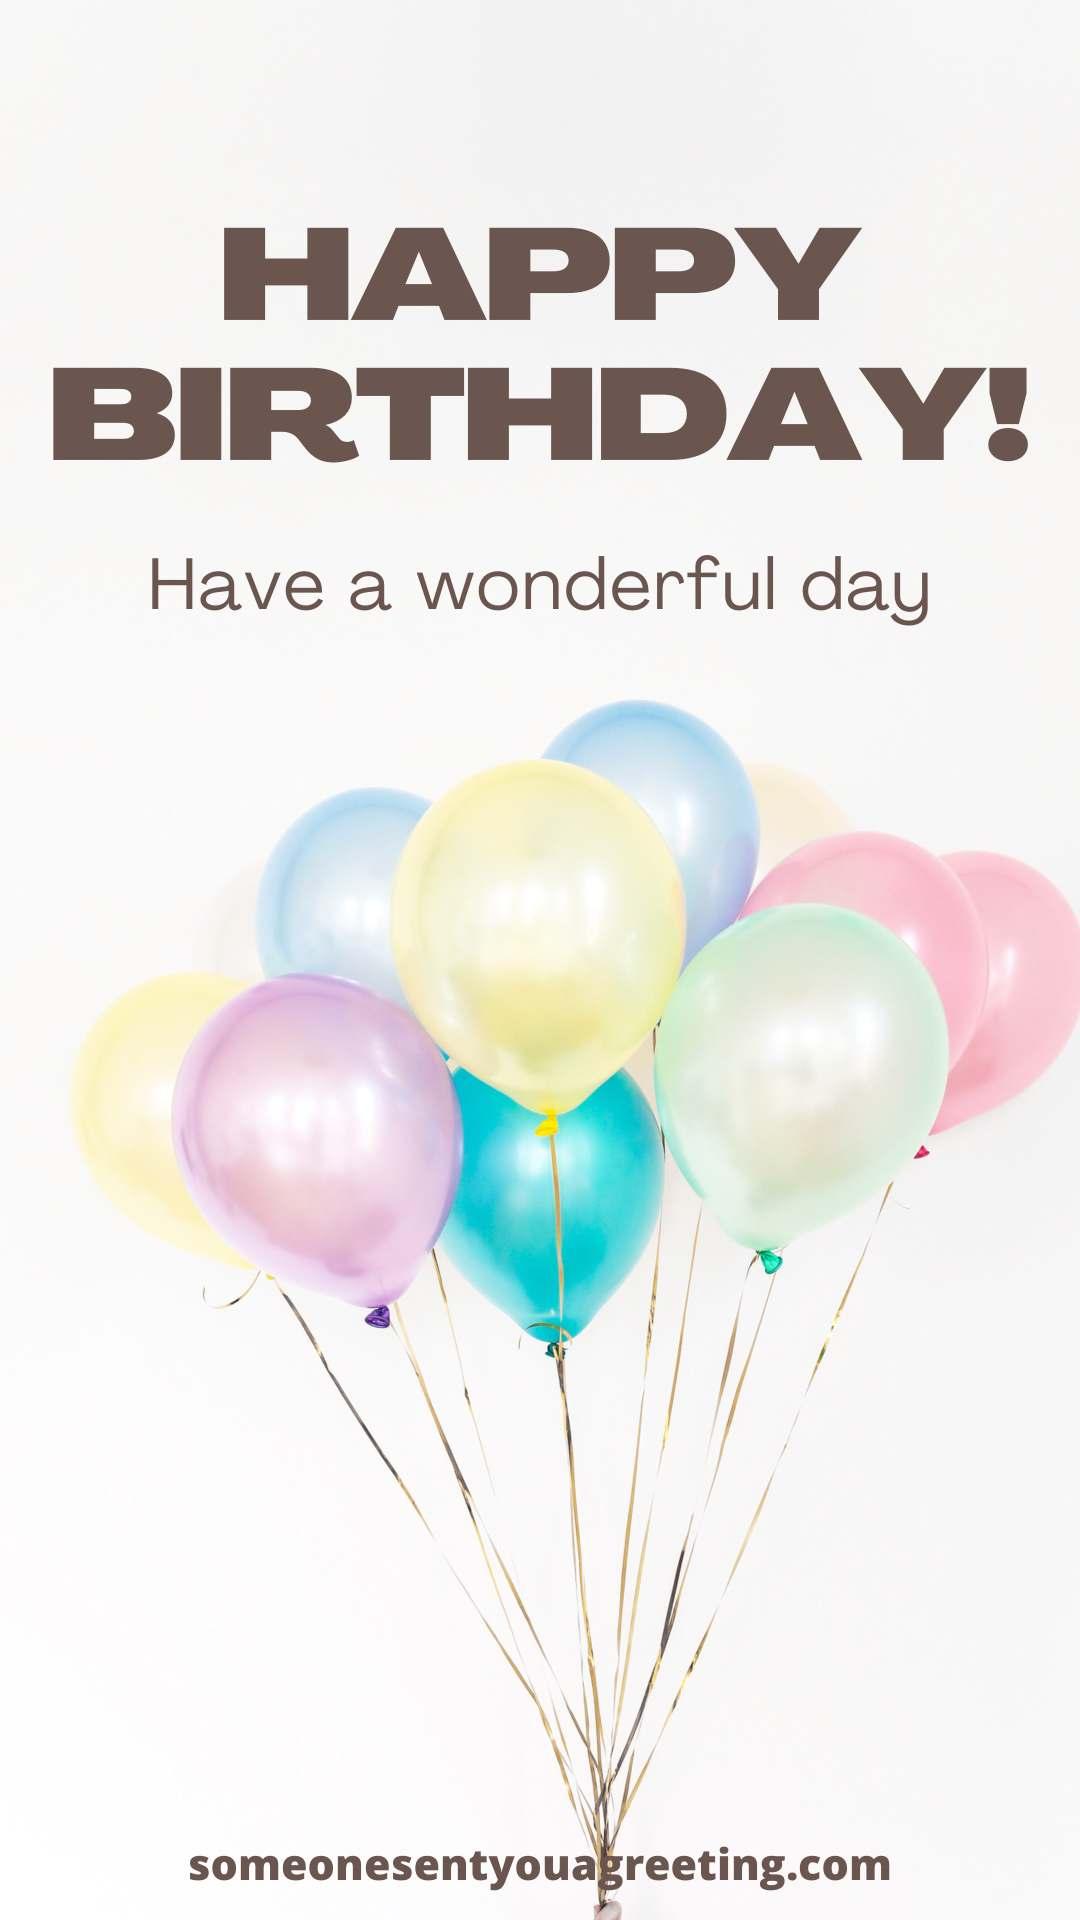 coworker birthday message